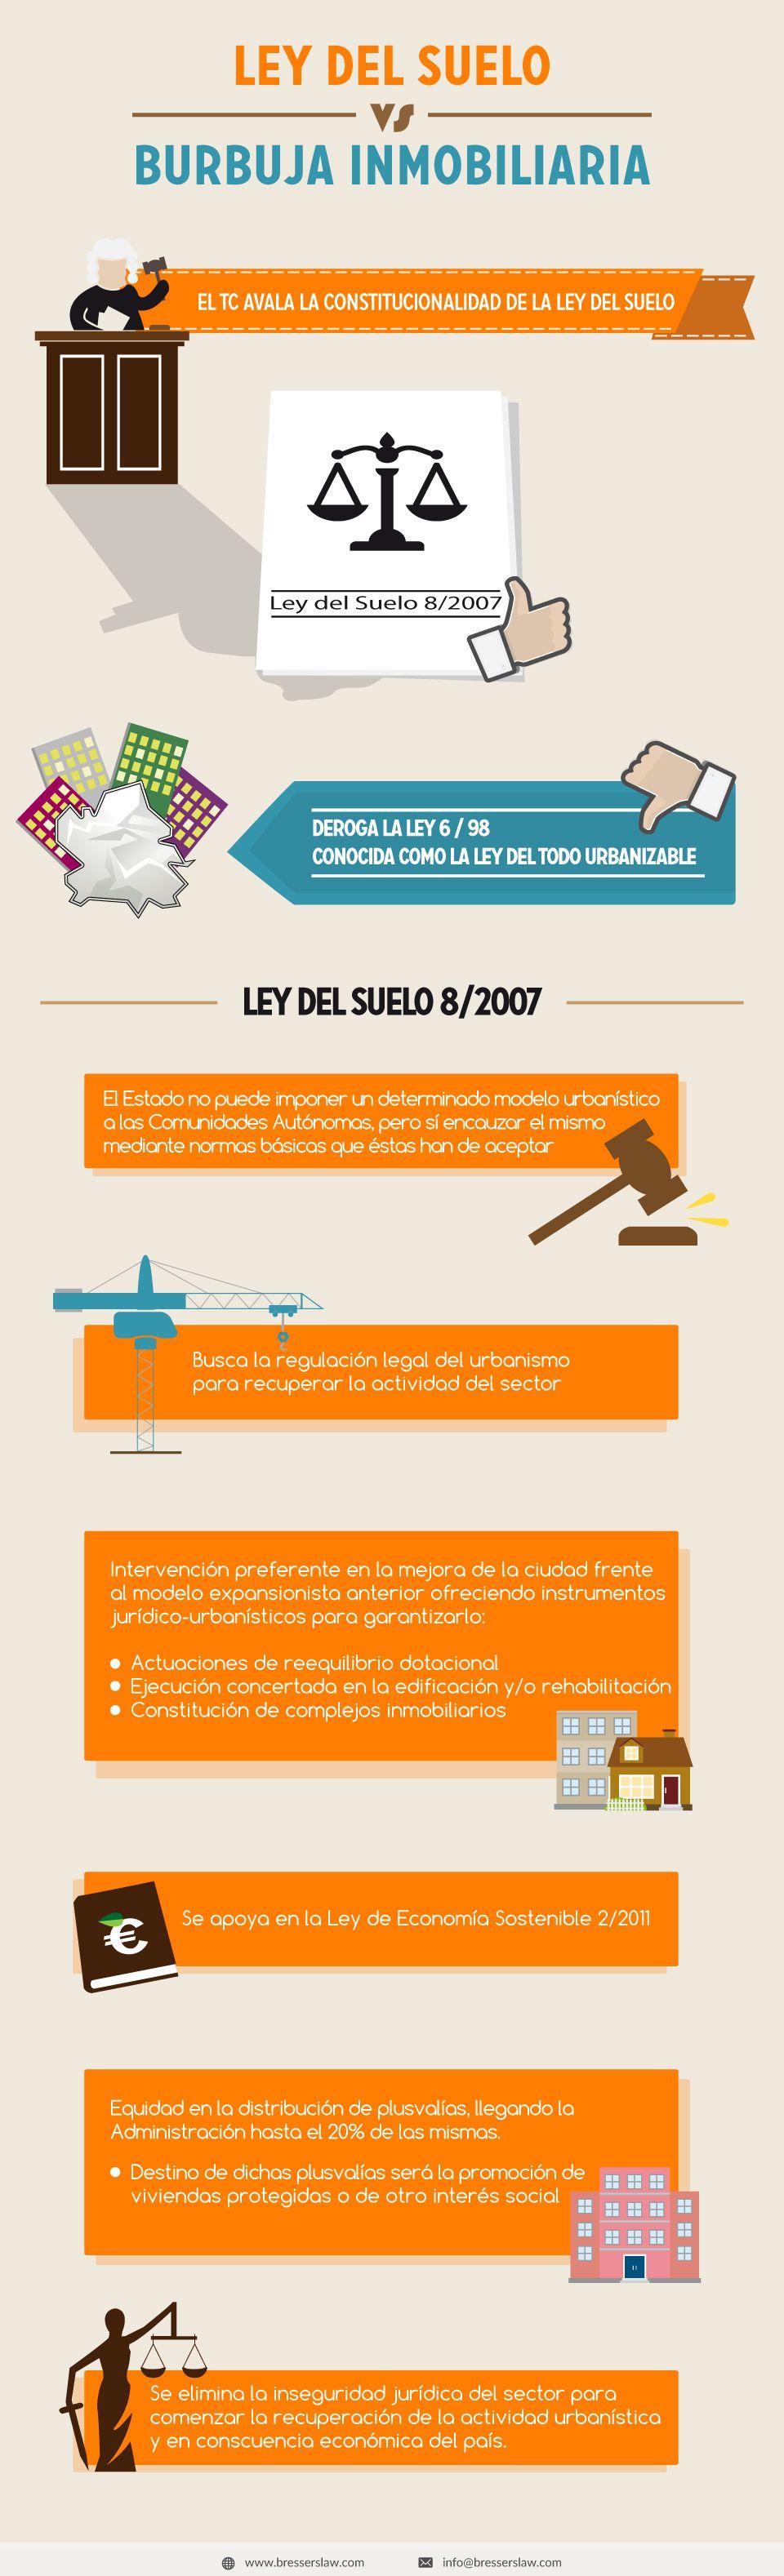 Ley del Suelo vs burbuja inmobiliaria